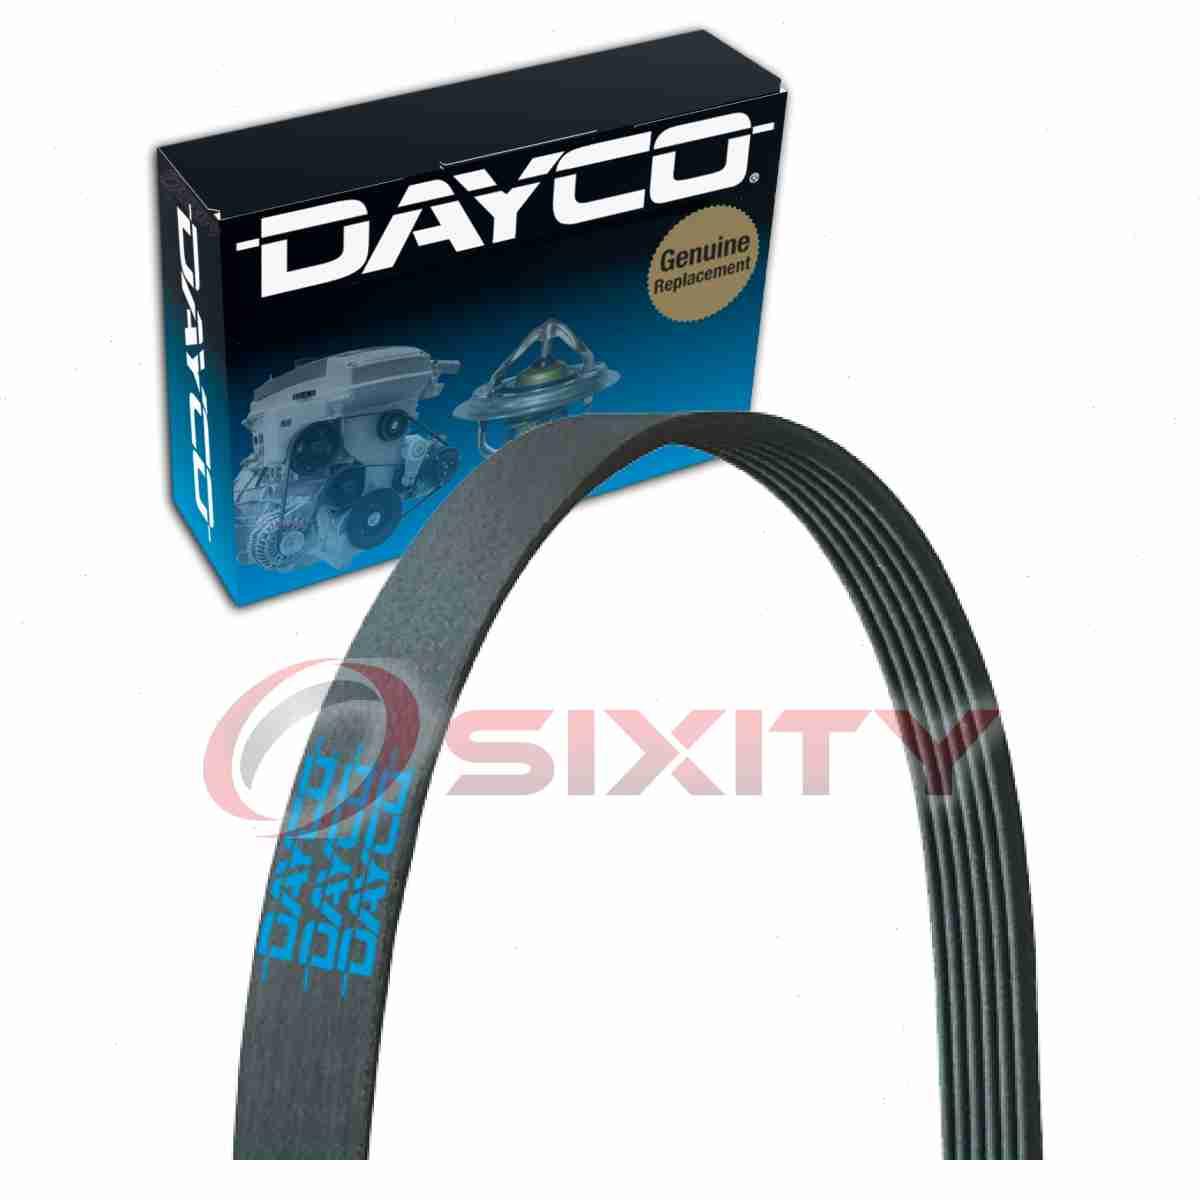 dayco serpentine belt for 1992-1997 isuzu trooper - v belt ribbed